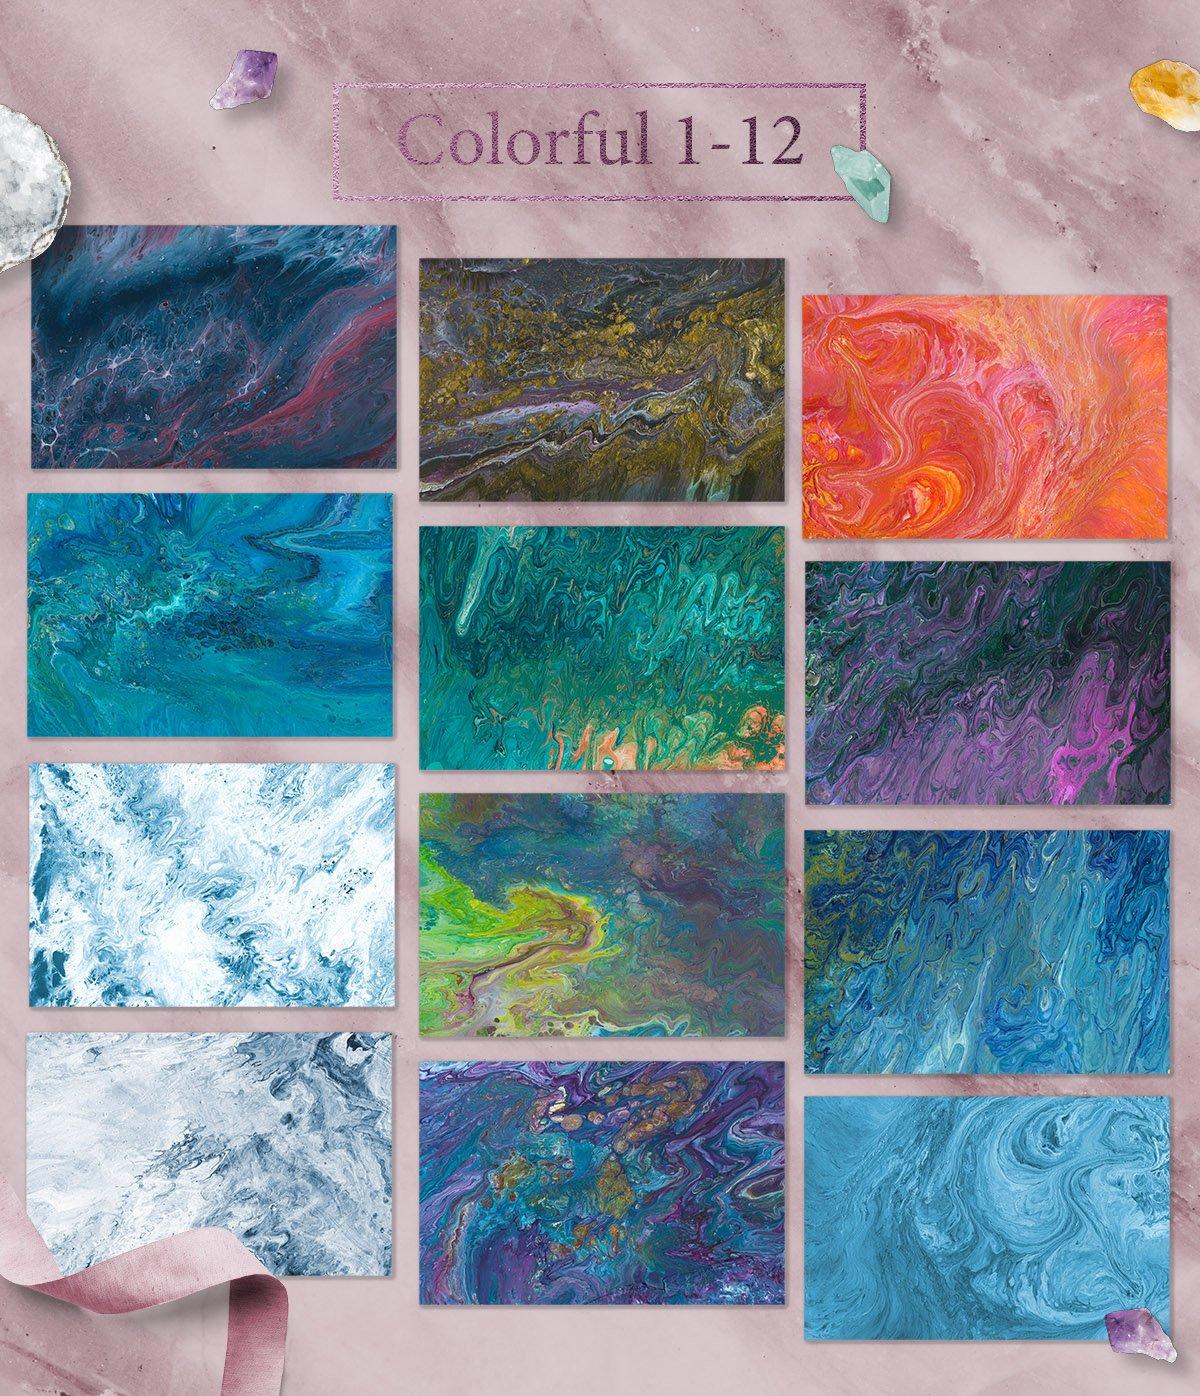 108款抽象手绘流体液体丙烯酸&大理石背景纹理 108 Flow Liquid Textures插图(4)